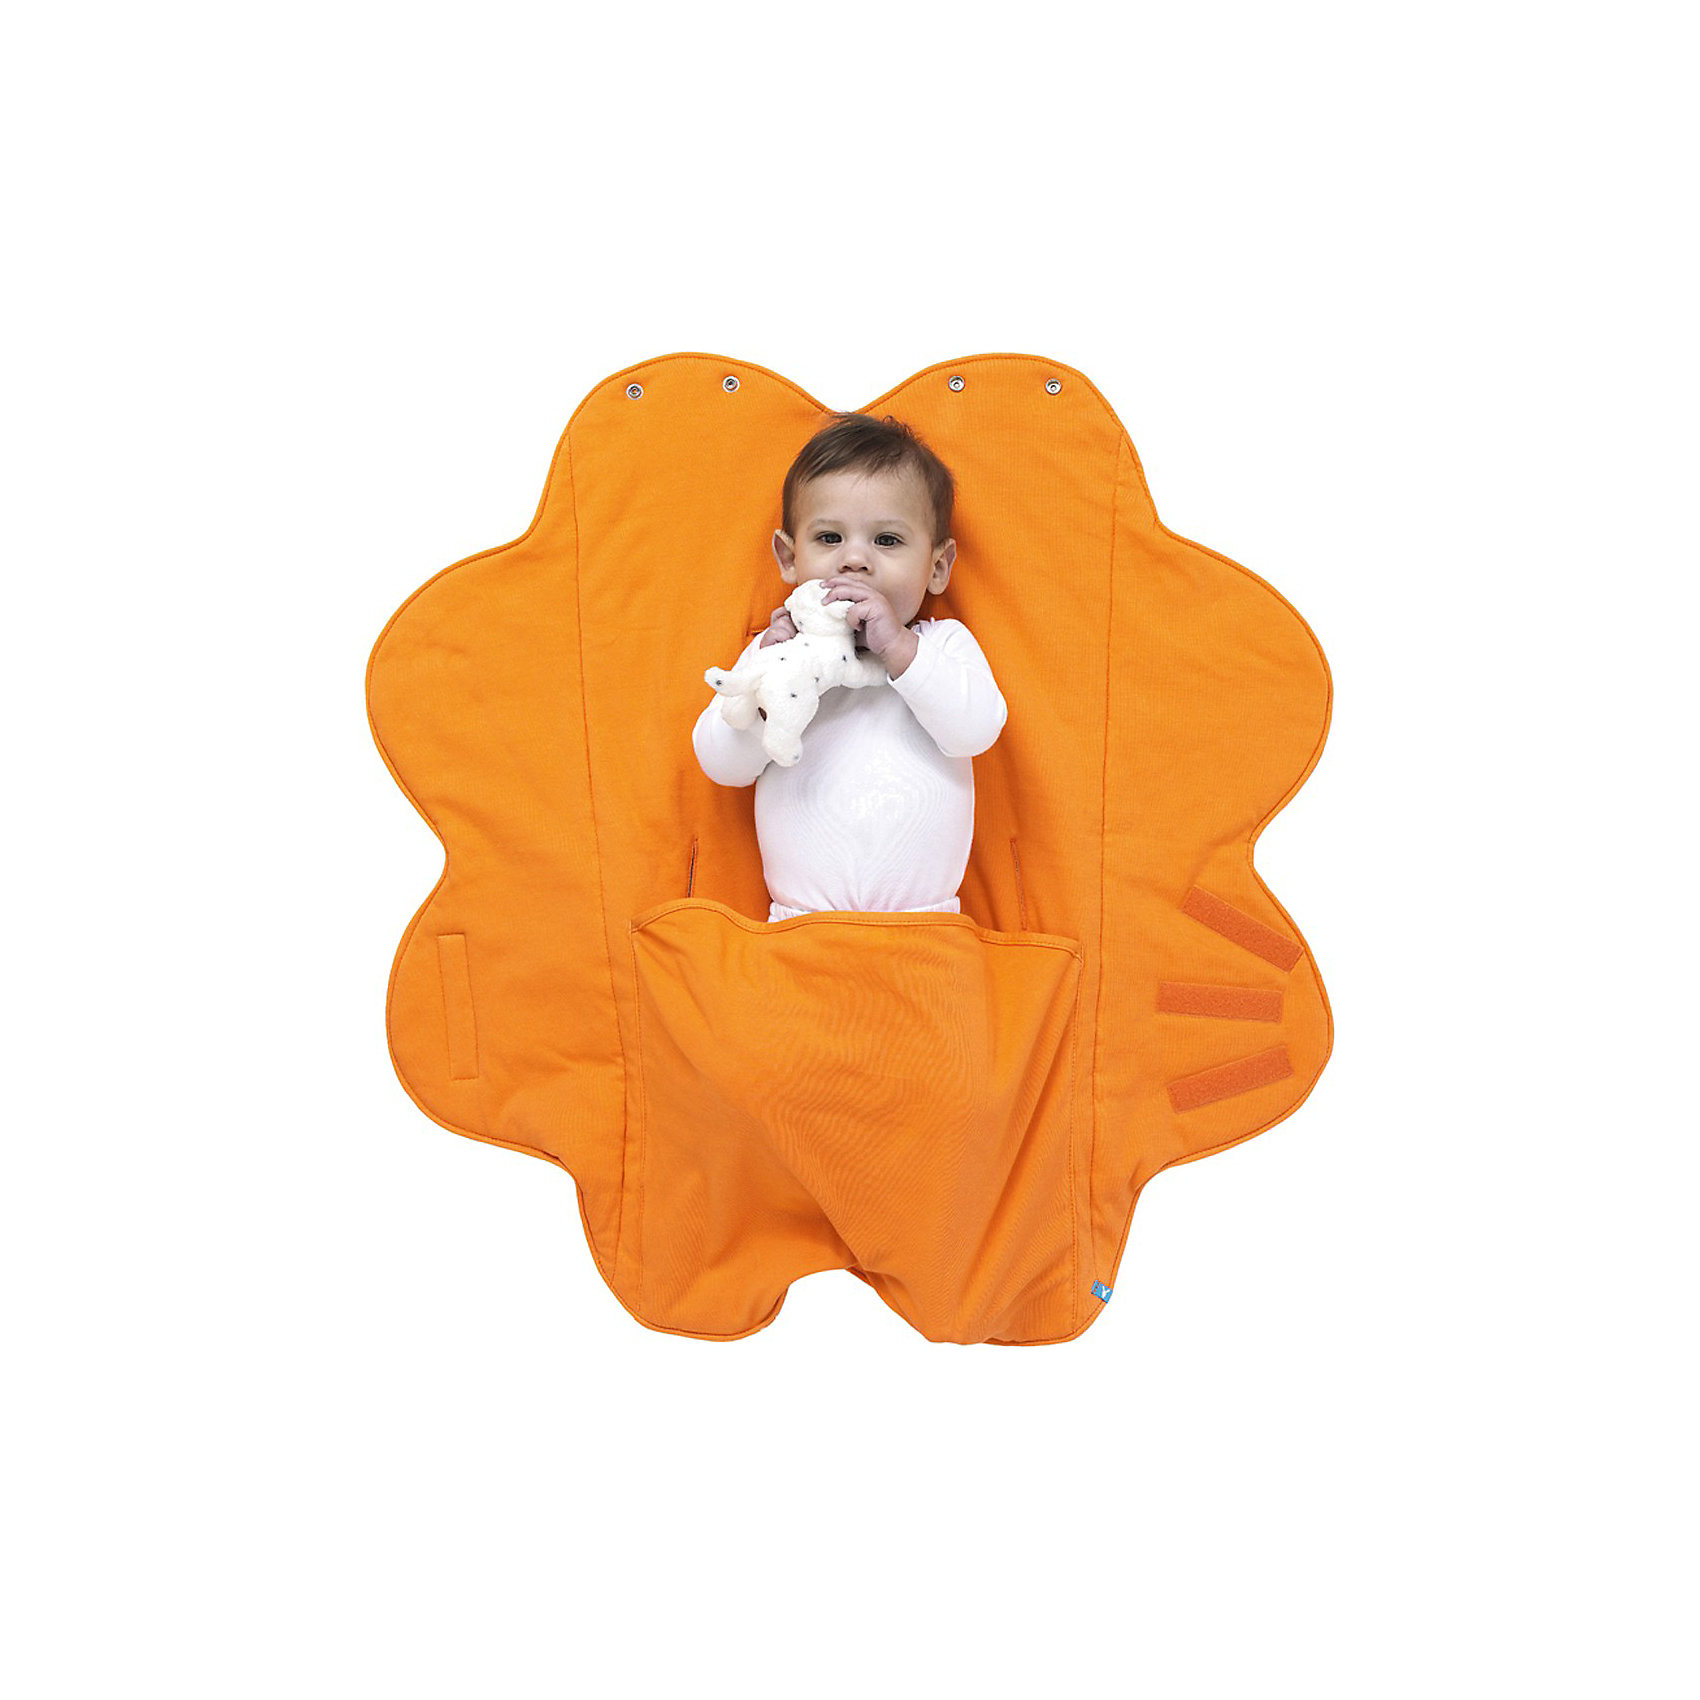 Конверт Лепесток, Wallaboo, хлопок, оранжевыйПеленание<br>Конверт Лепесток, Wallaboo (Валлабу), хлопок, оранжевый - это удобство для Вас и максимальный комфорт для малыша.<br>Многофункциональные конверты «Лепесток» - уникальная разработка Wallaboo. Оригинальный дизайн в виде лепестков сказочного цветка не оставит равнодушной ни одну любящую маму! Конверт выполнен полностью из однотонного хлопкового трикотажа, наполнитель - тонкий слой синтепона 60 грамм. Конверт очень прост в обращении. Вы научитесь им пользоваться с первого раза. Качественные «липучки» обеспечивают надежную фиксацию в любом положении. Специально разработанный карман для ножек ребенка и уютный капюшон, складывающийся из верхних лепестков конверта, защитят вашего малыша в прохладную погоду. У конверта полная совместимость с автокреслами группы 0 – 0+. Конверт Wallaboo Лепесток отлично подходит для разных ситуаций: для выписки из родильного дома; для поездок в автомобиле, благодаря надежной фиксации к автокреслу; в детском шезлонге, в манеже, в коляске Вашему малышу всегда будет комфортно, уютно и тепло. Когда ребенок подрастет, можно использовать конверт в качестве коврика для веселых игр. Благодаря уникальным свойствам микроволокна, материал не вызывает аллергии, не линяет, не скатывается, быстро сохнет, не оставляет вокруг себя волокон и пыли.<br><br>Дополнительная информация:<br><br>- Для детей от 0 до 9 месяцев<br>- Материал: 100% хлопковый трикотаж, наполнитель - тонкий слой синтепона 60 грамм<br>- Размер: 85 х 85 см.<br>- Вес: 350 гр.<br>- Цвет: оранжевый<br>- Машинная стирка при температуре 30 градусов<br><br>Конверт Лепесток, Wallaboo (Валлабу), хлопок, оранжевый порадует вашего малыша и вас безупречным качеством и оригинальным дизайном.<br><br>Конверт Лепесток, Wallaboo (Валлабу), хлопок, оранжевый можно купить в нашем интернет-магазине.<br><br>Ширина мм: 300<br>Глубина мм: 280<br>Высота мм: 90<br>Вес г: 470<br>Возраст от месяцев: 0<br>Возраст до месяцев: 9<br>Пол: Унисекс<br>Возраст: Детски